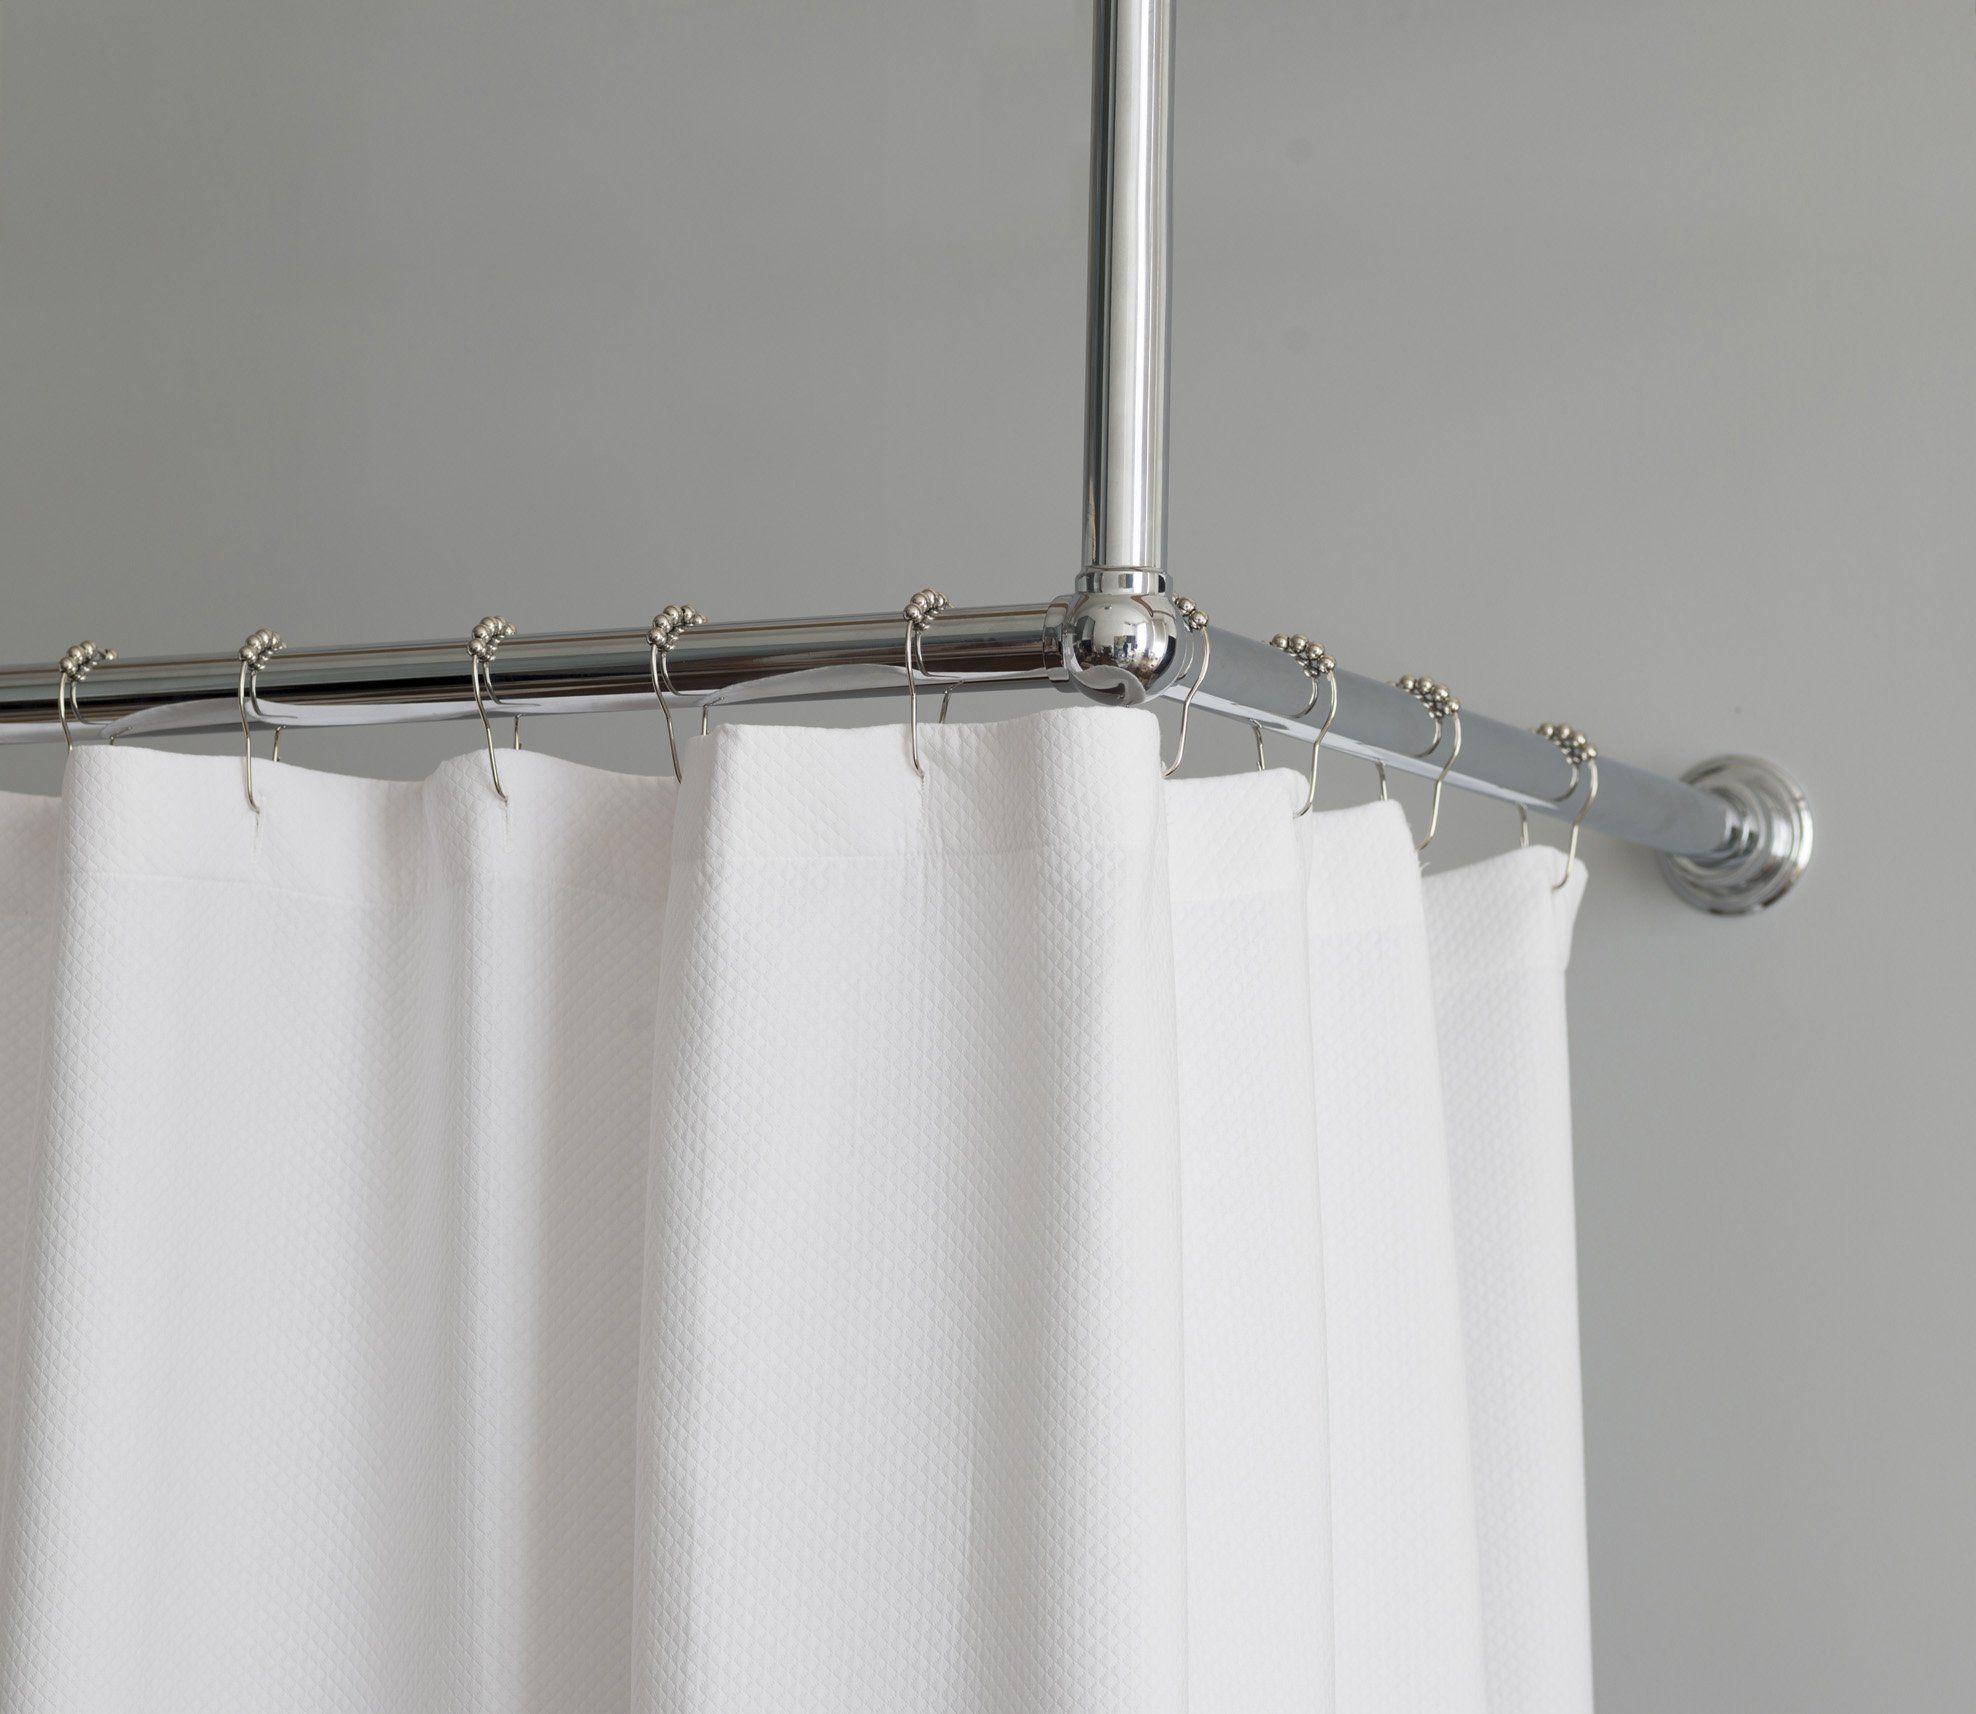 Shower Curtain Rail L Shape Rail Large Shower Curtains Curtain